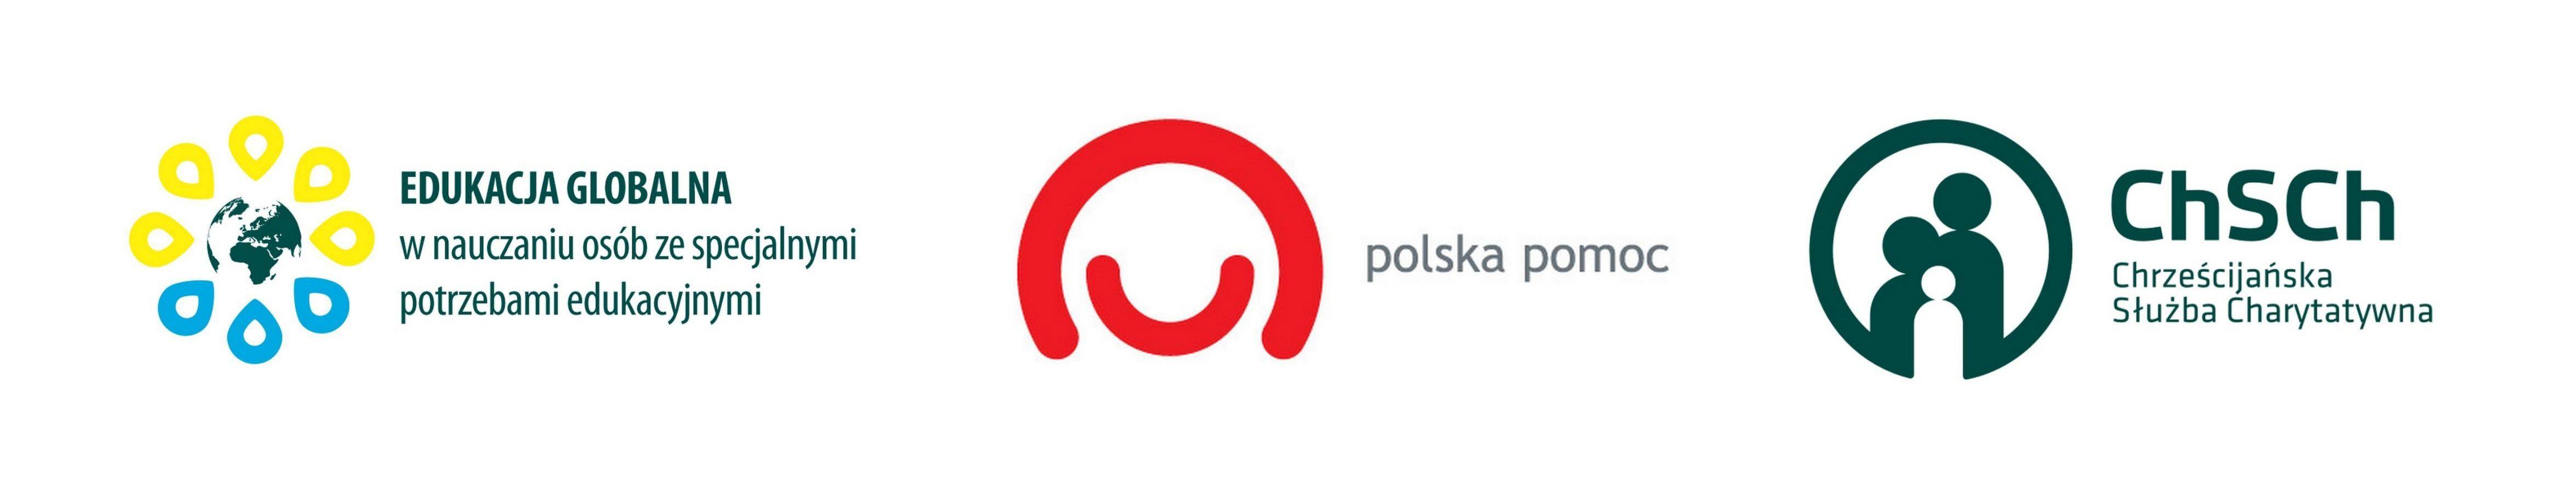 """Projekt """"Edukacja globalna w nauczaniu osób ze specjalnymi potrzebami edukacyjnymi"""" jest  współfinansowany w ramach programu polskiej współpracy rozwojowej Ministerstwa Spraw Zagranicznych RP w 2013 r."""